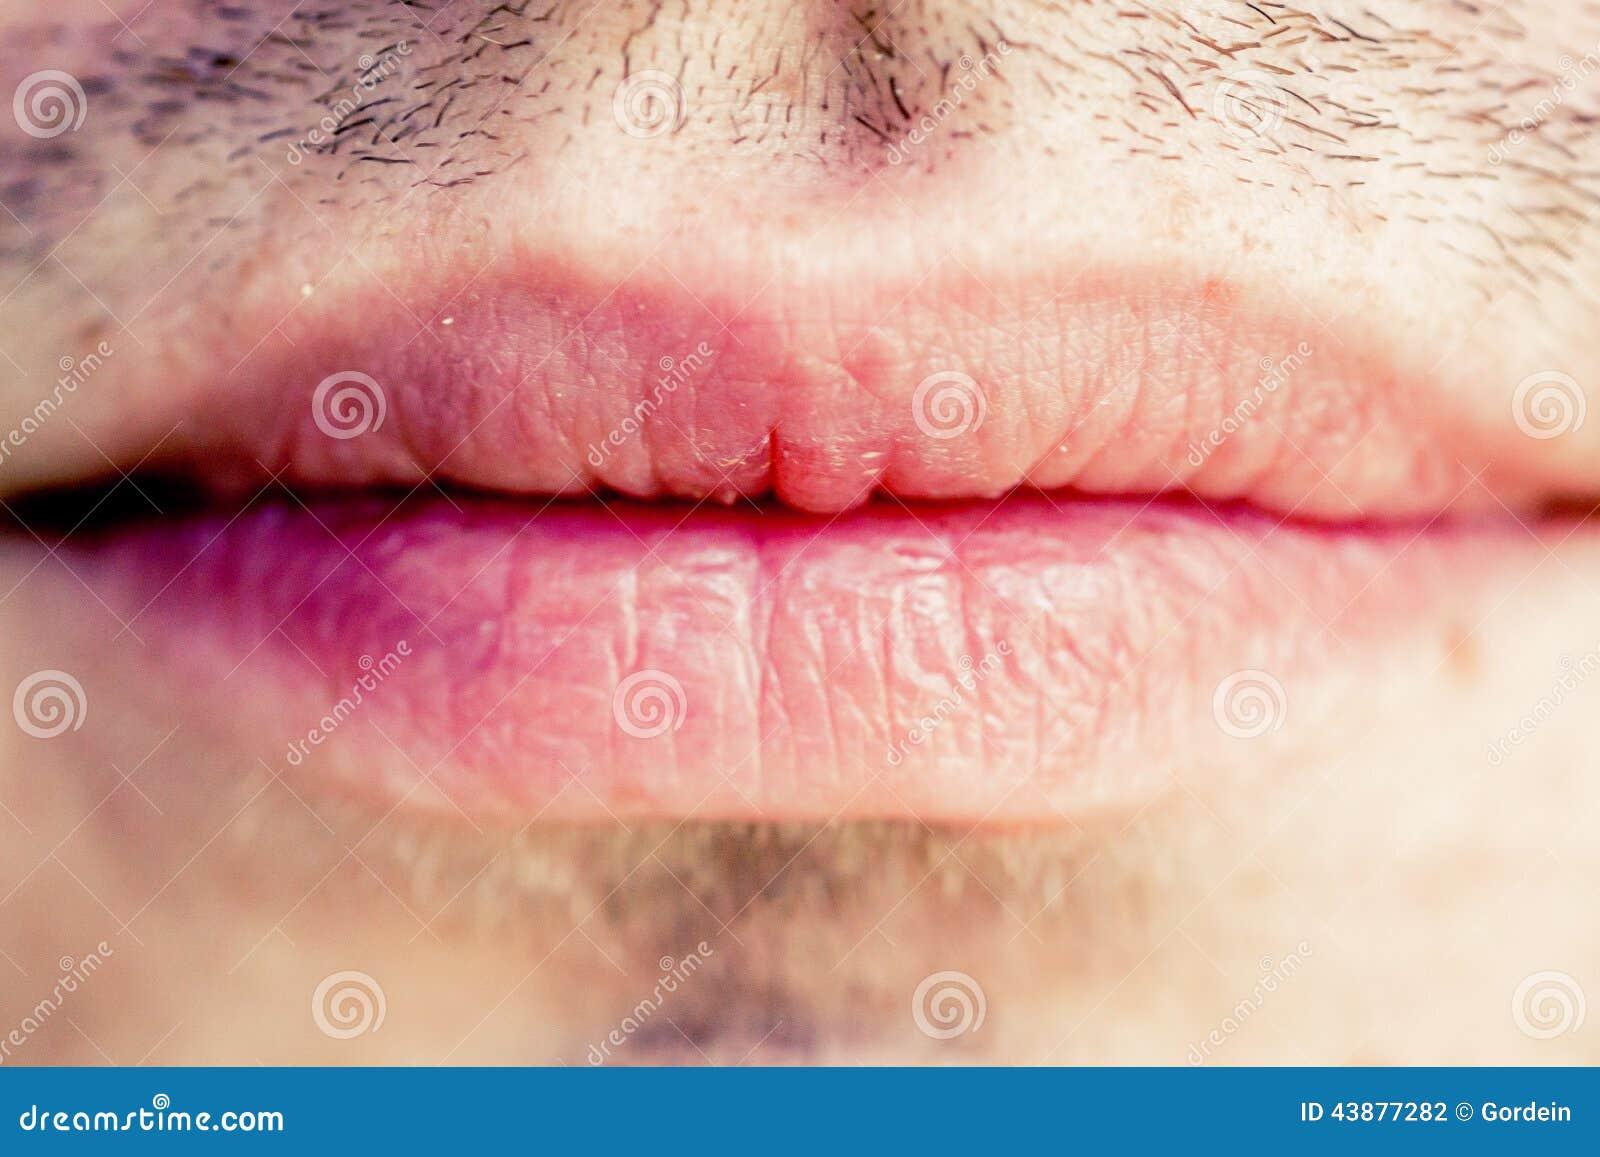 Раздвигают половые губы крупным планом фото, Женские половые губы - фото голых девушек 19 фотография